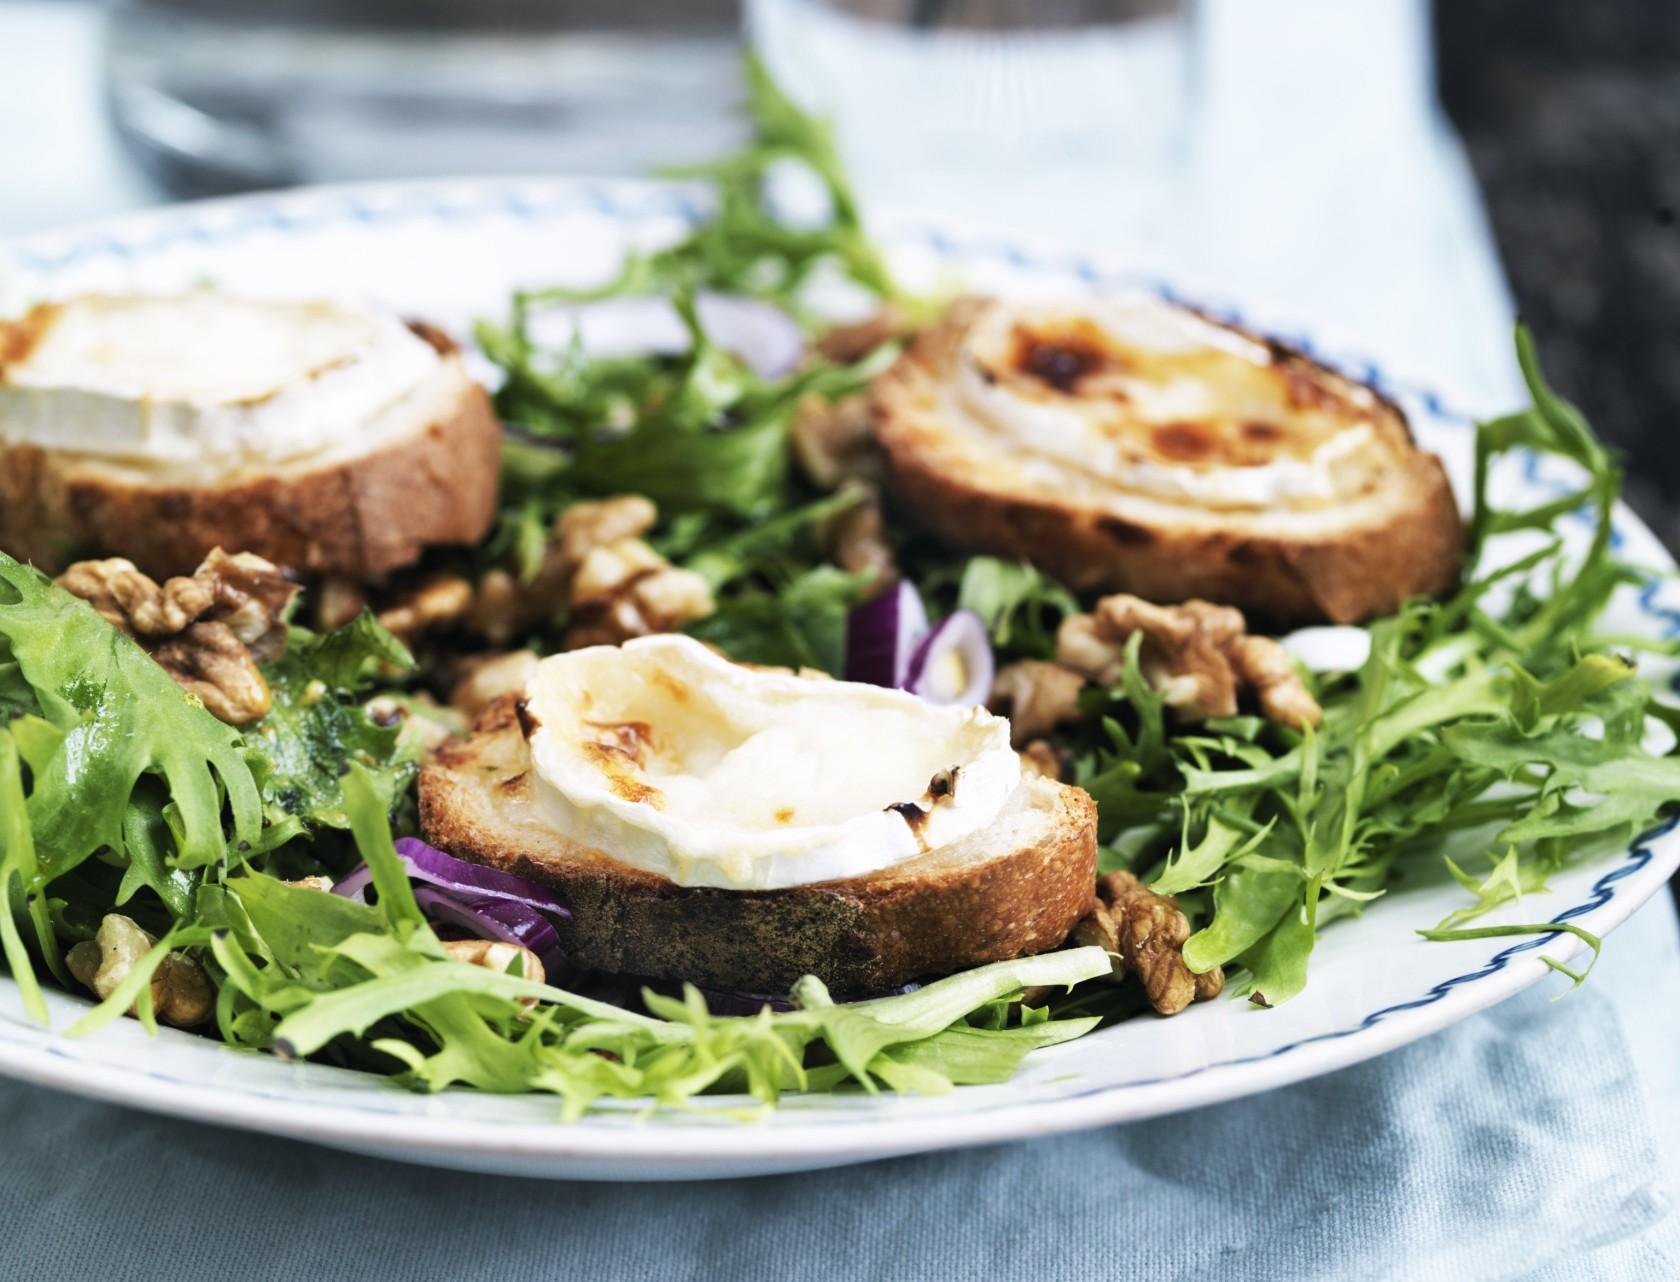 Den franske salat chèvre chaud er salat toppet med sprøde ostebrød. Mums!